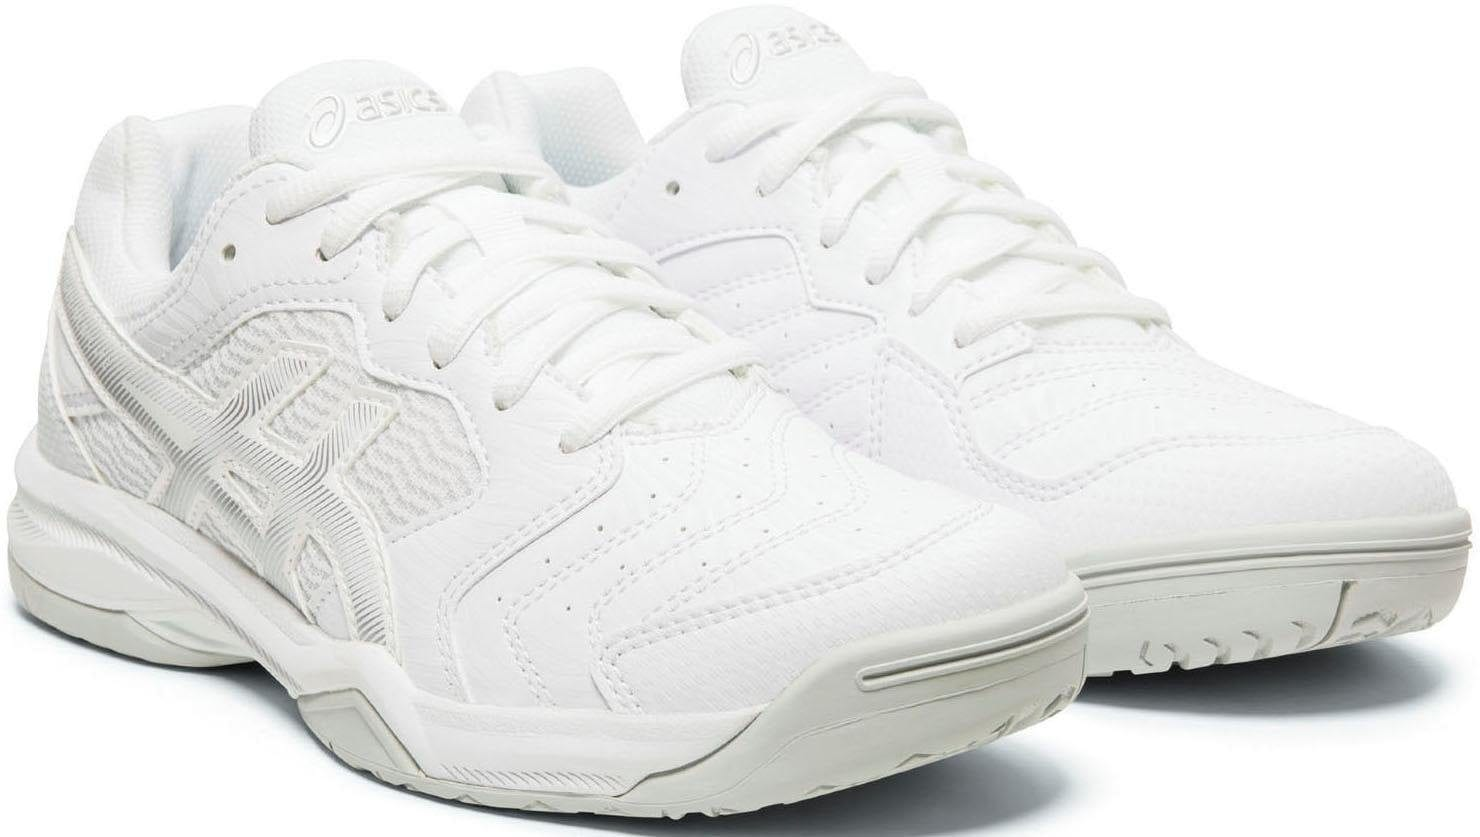 Asics Tennisschuh GEL-DEDICATE 6 Herrenmode/Schuhe/Sportschuhe/Tennisschuhe